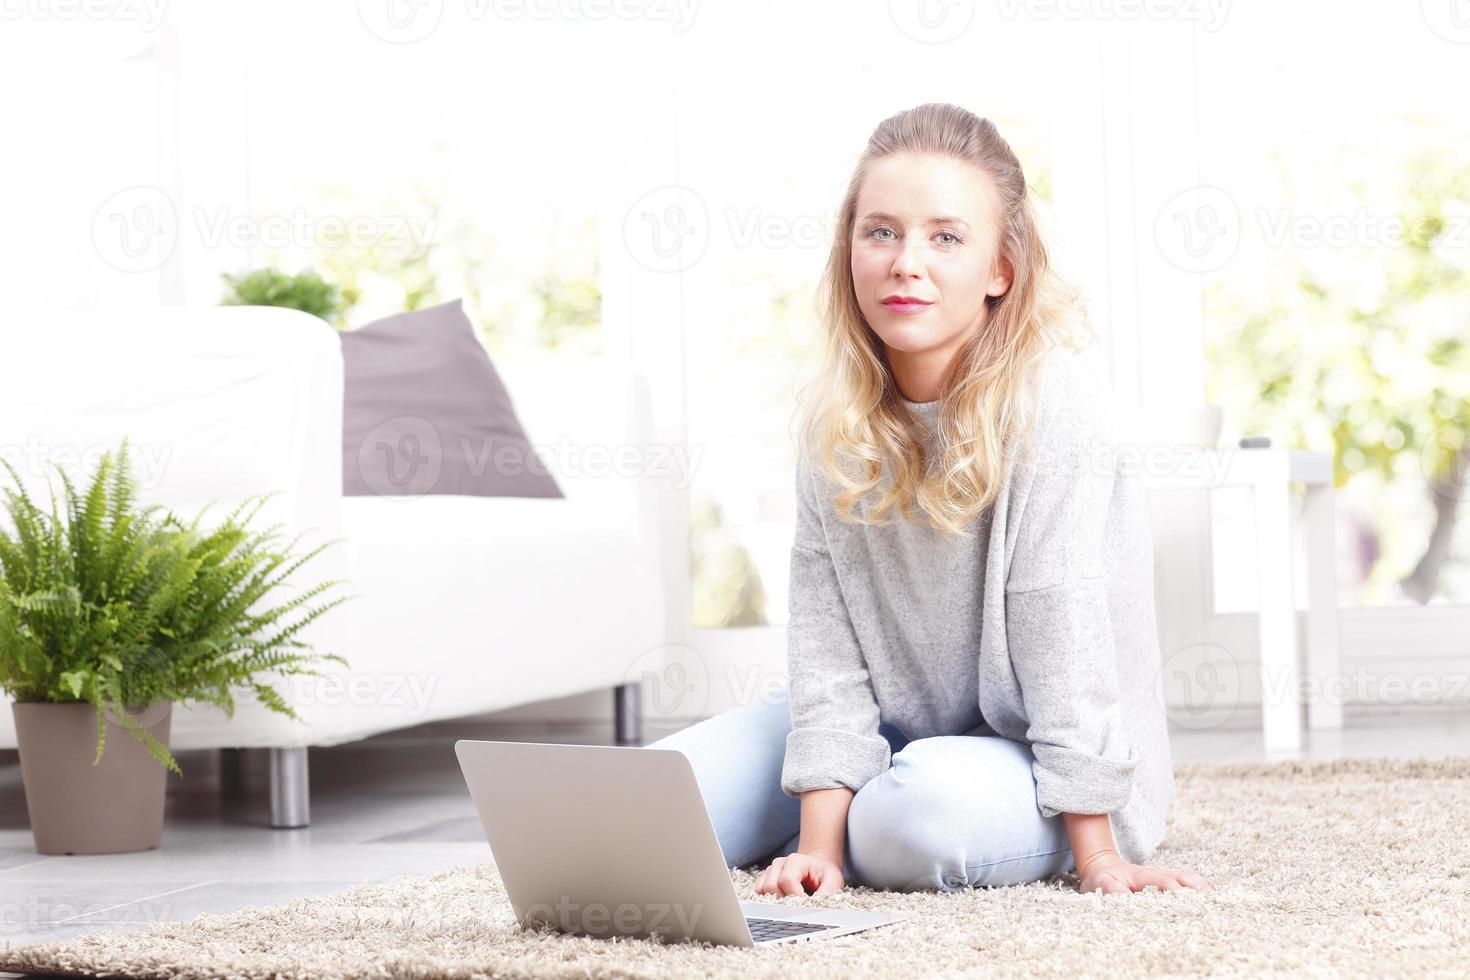 jonge vrouw met laptop foto